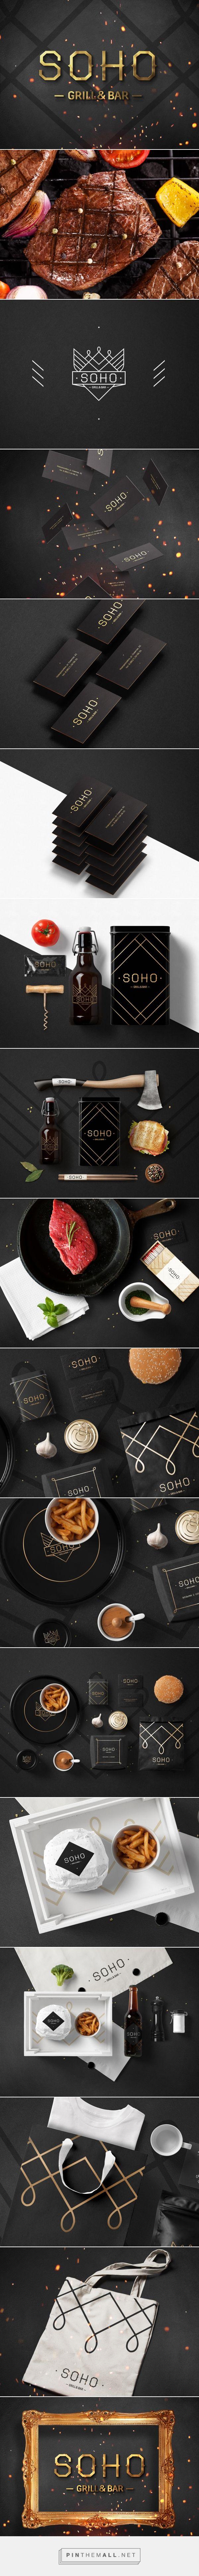 Фирменный стиль для гриль-бара Сохо on Behance | Fivestar Branding – Design and Branding Agency & Inspiration Gallery